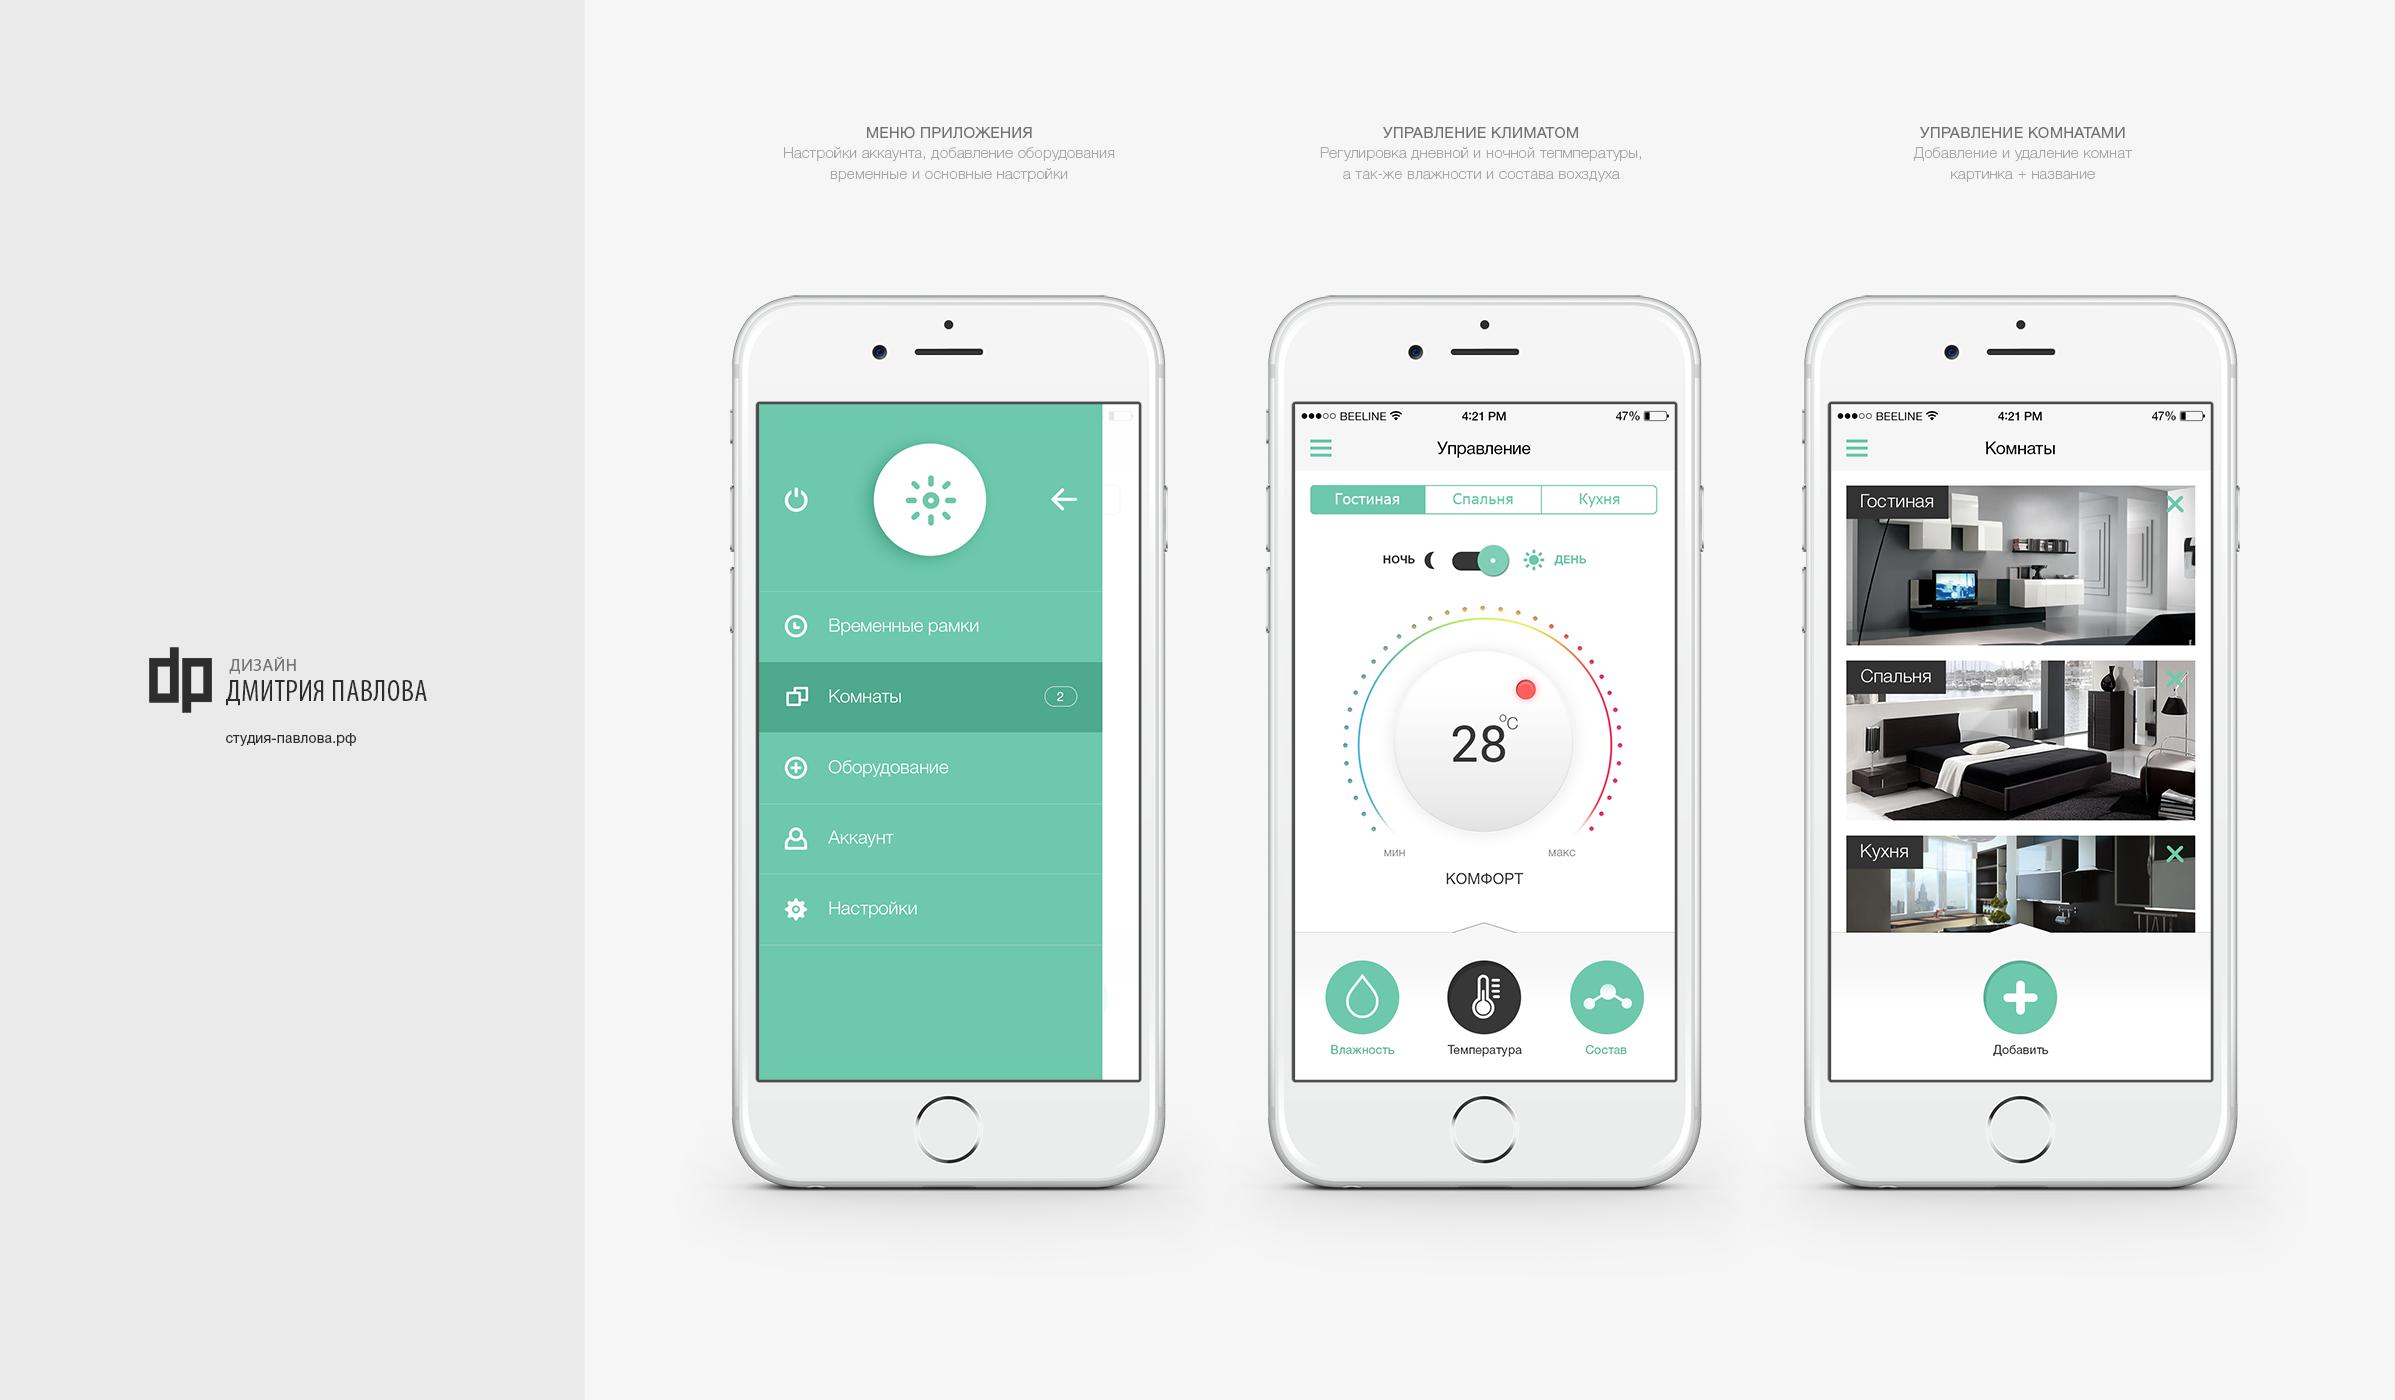 Мобильное приложение: управление климатом в квартире (Сбербанк)